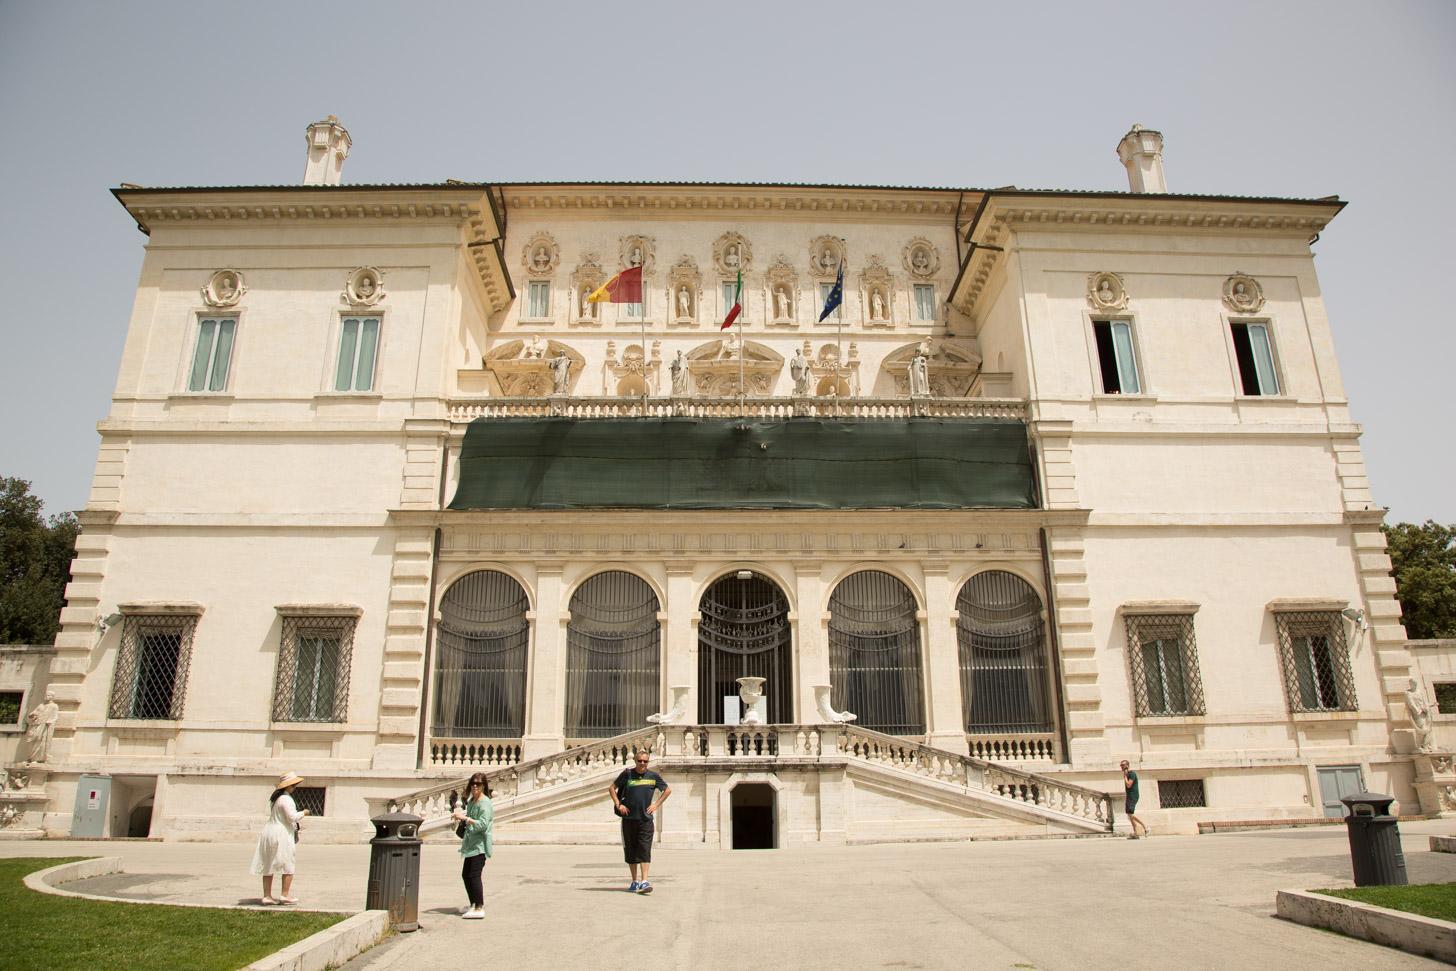 Voor wie van kunst houdt is Galleria Borghese een absolute must in Rome.